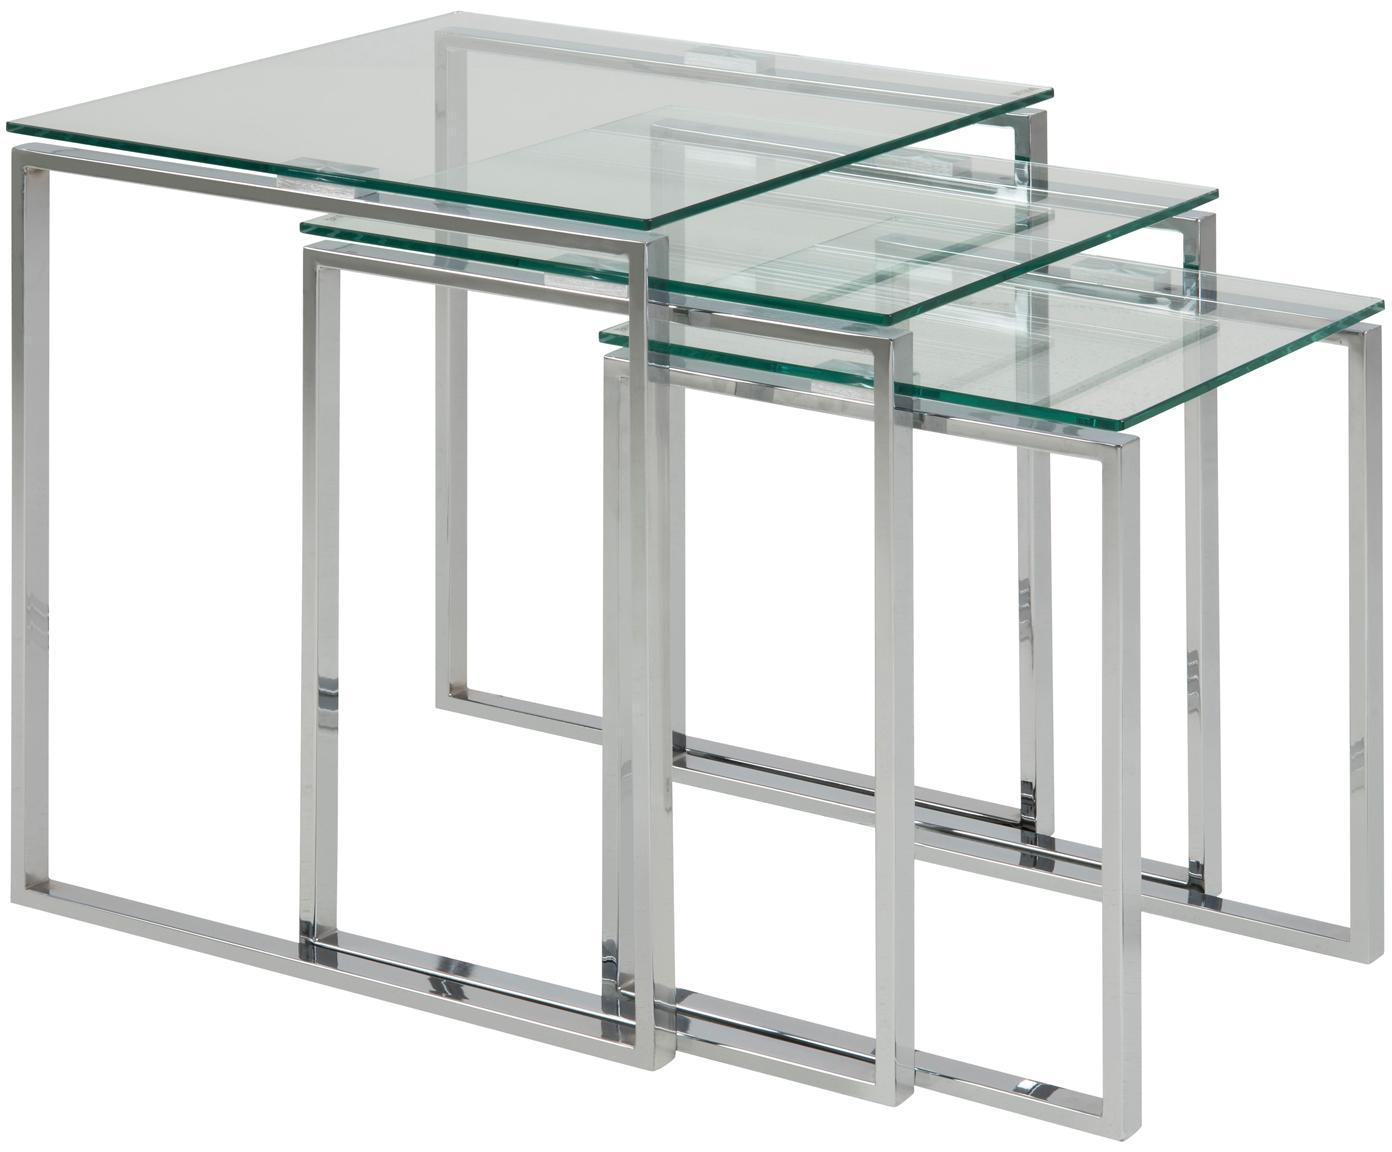 Komplet stolików pomocniczych Katrine, 3 elem., Stelaż: stal chromowana, Blat: szkło hartowane, Chrom, transparentny, Różne rozmiary